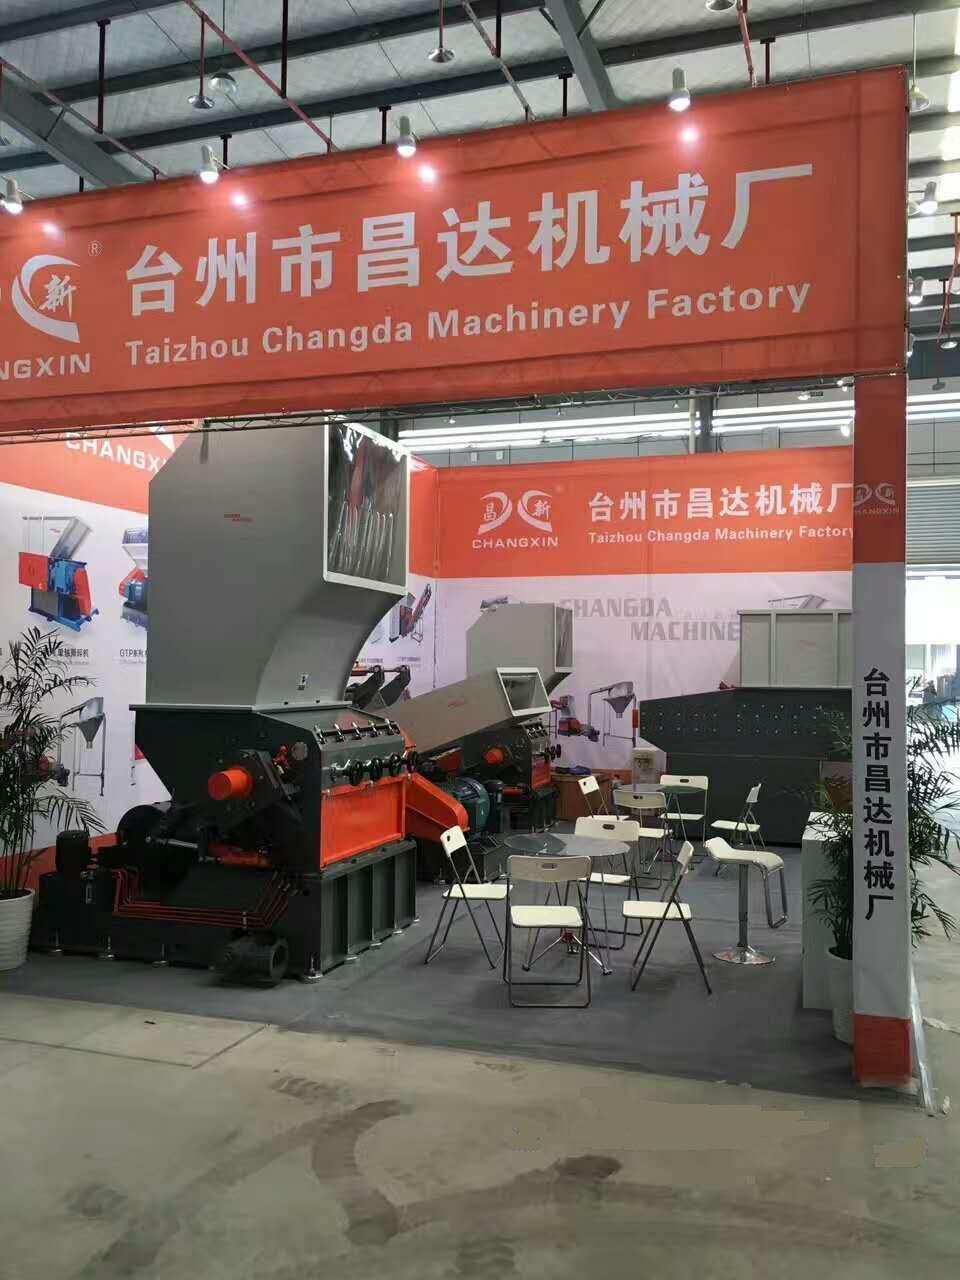 Chinaplas Exhibition